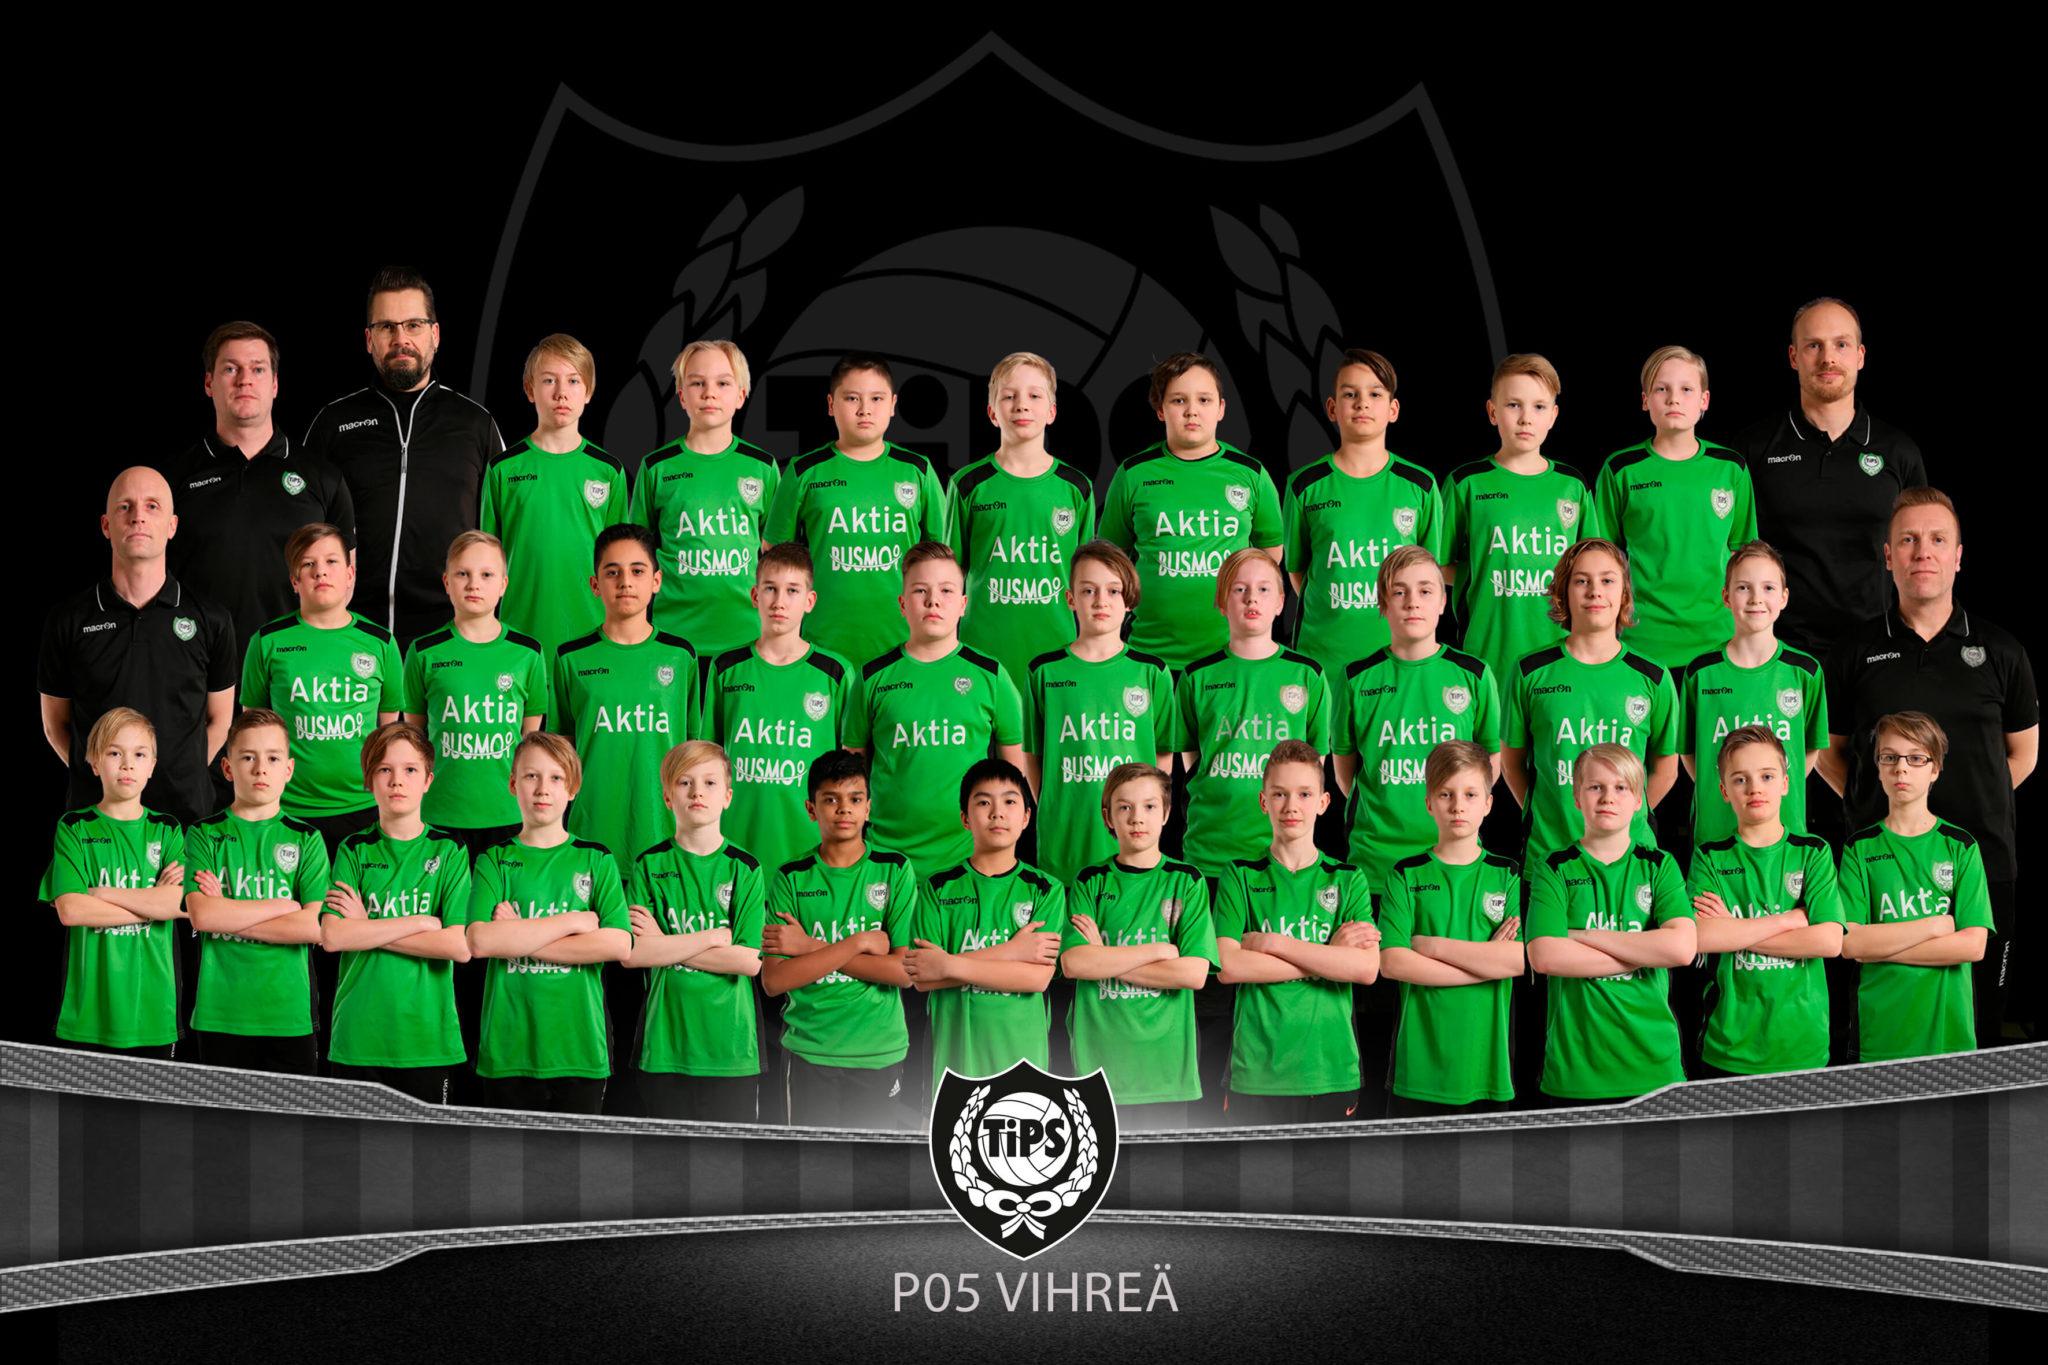 TiPS pojat 2005 Vihreä